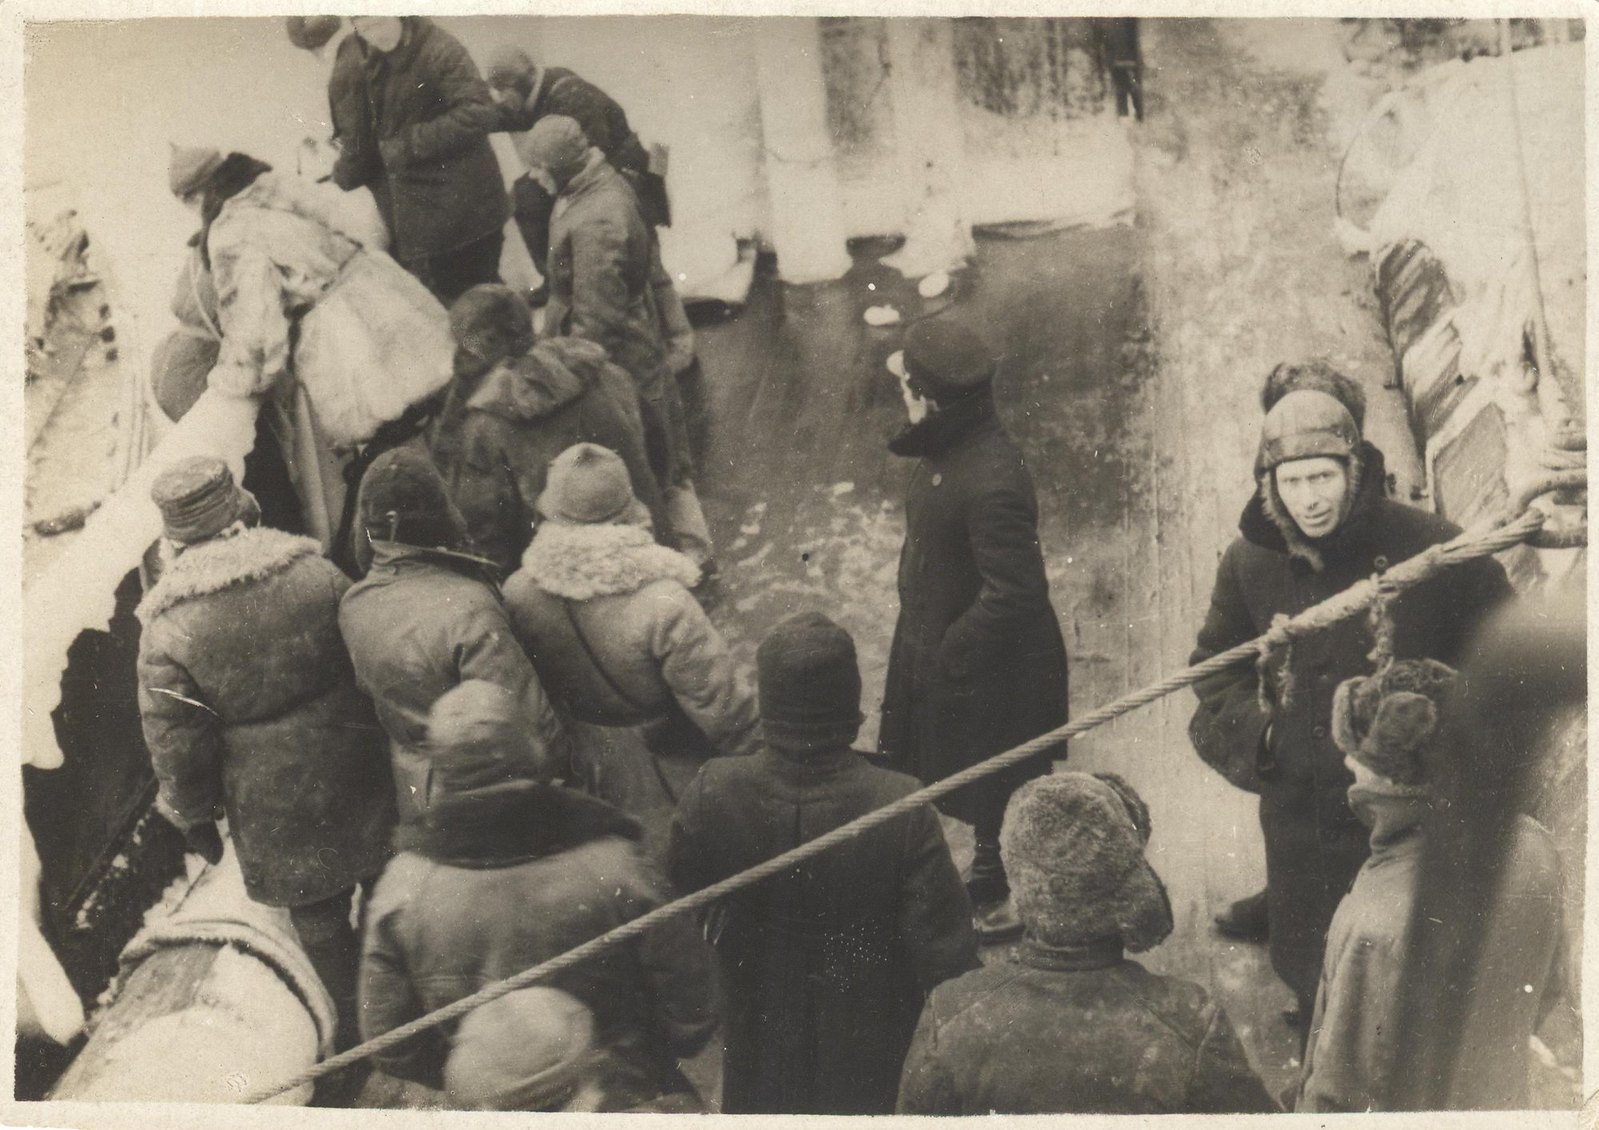 1934. Экспедиция по спасению челюскинцев. Летный состав отправляется на берег к своим самолетам